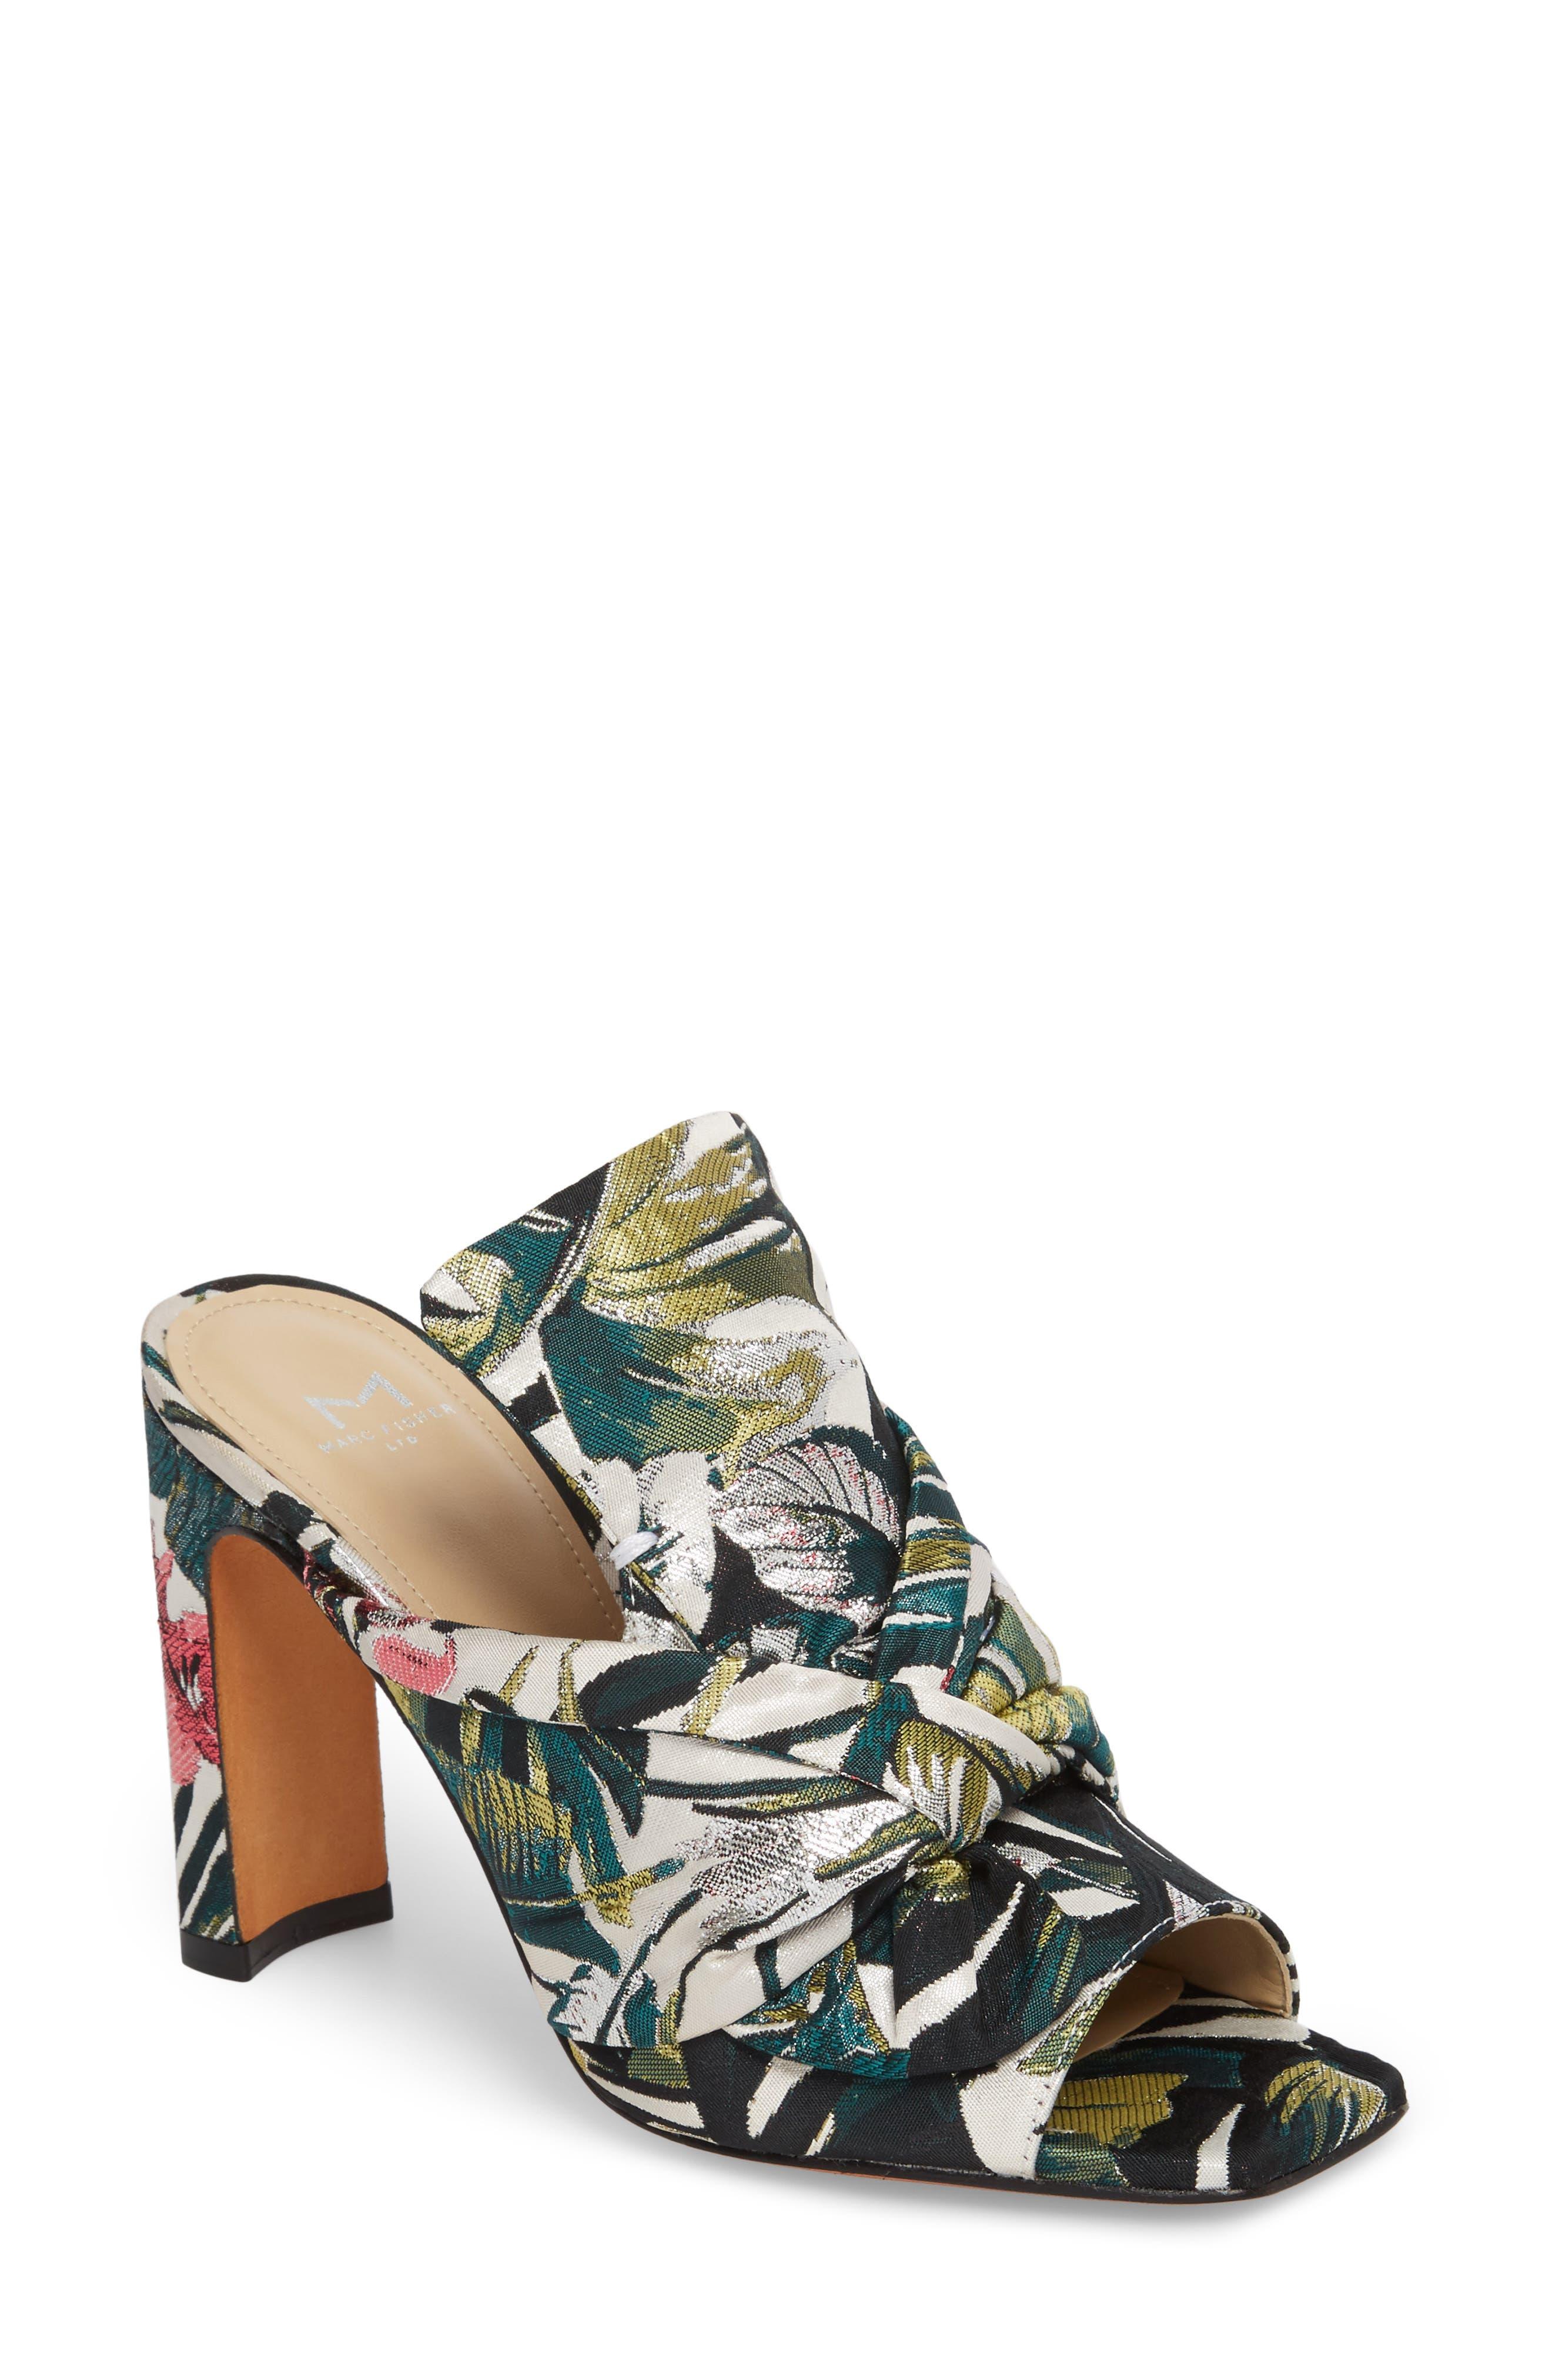 Hogan Slide Sandal,                         Main,                         color, 173